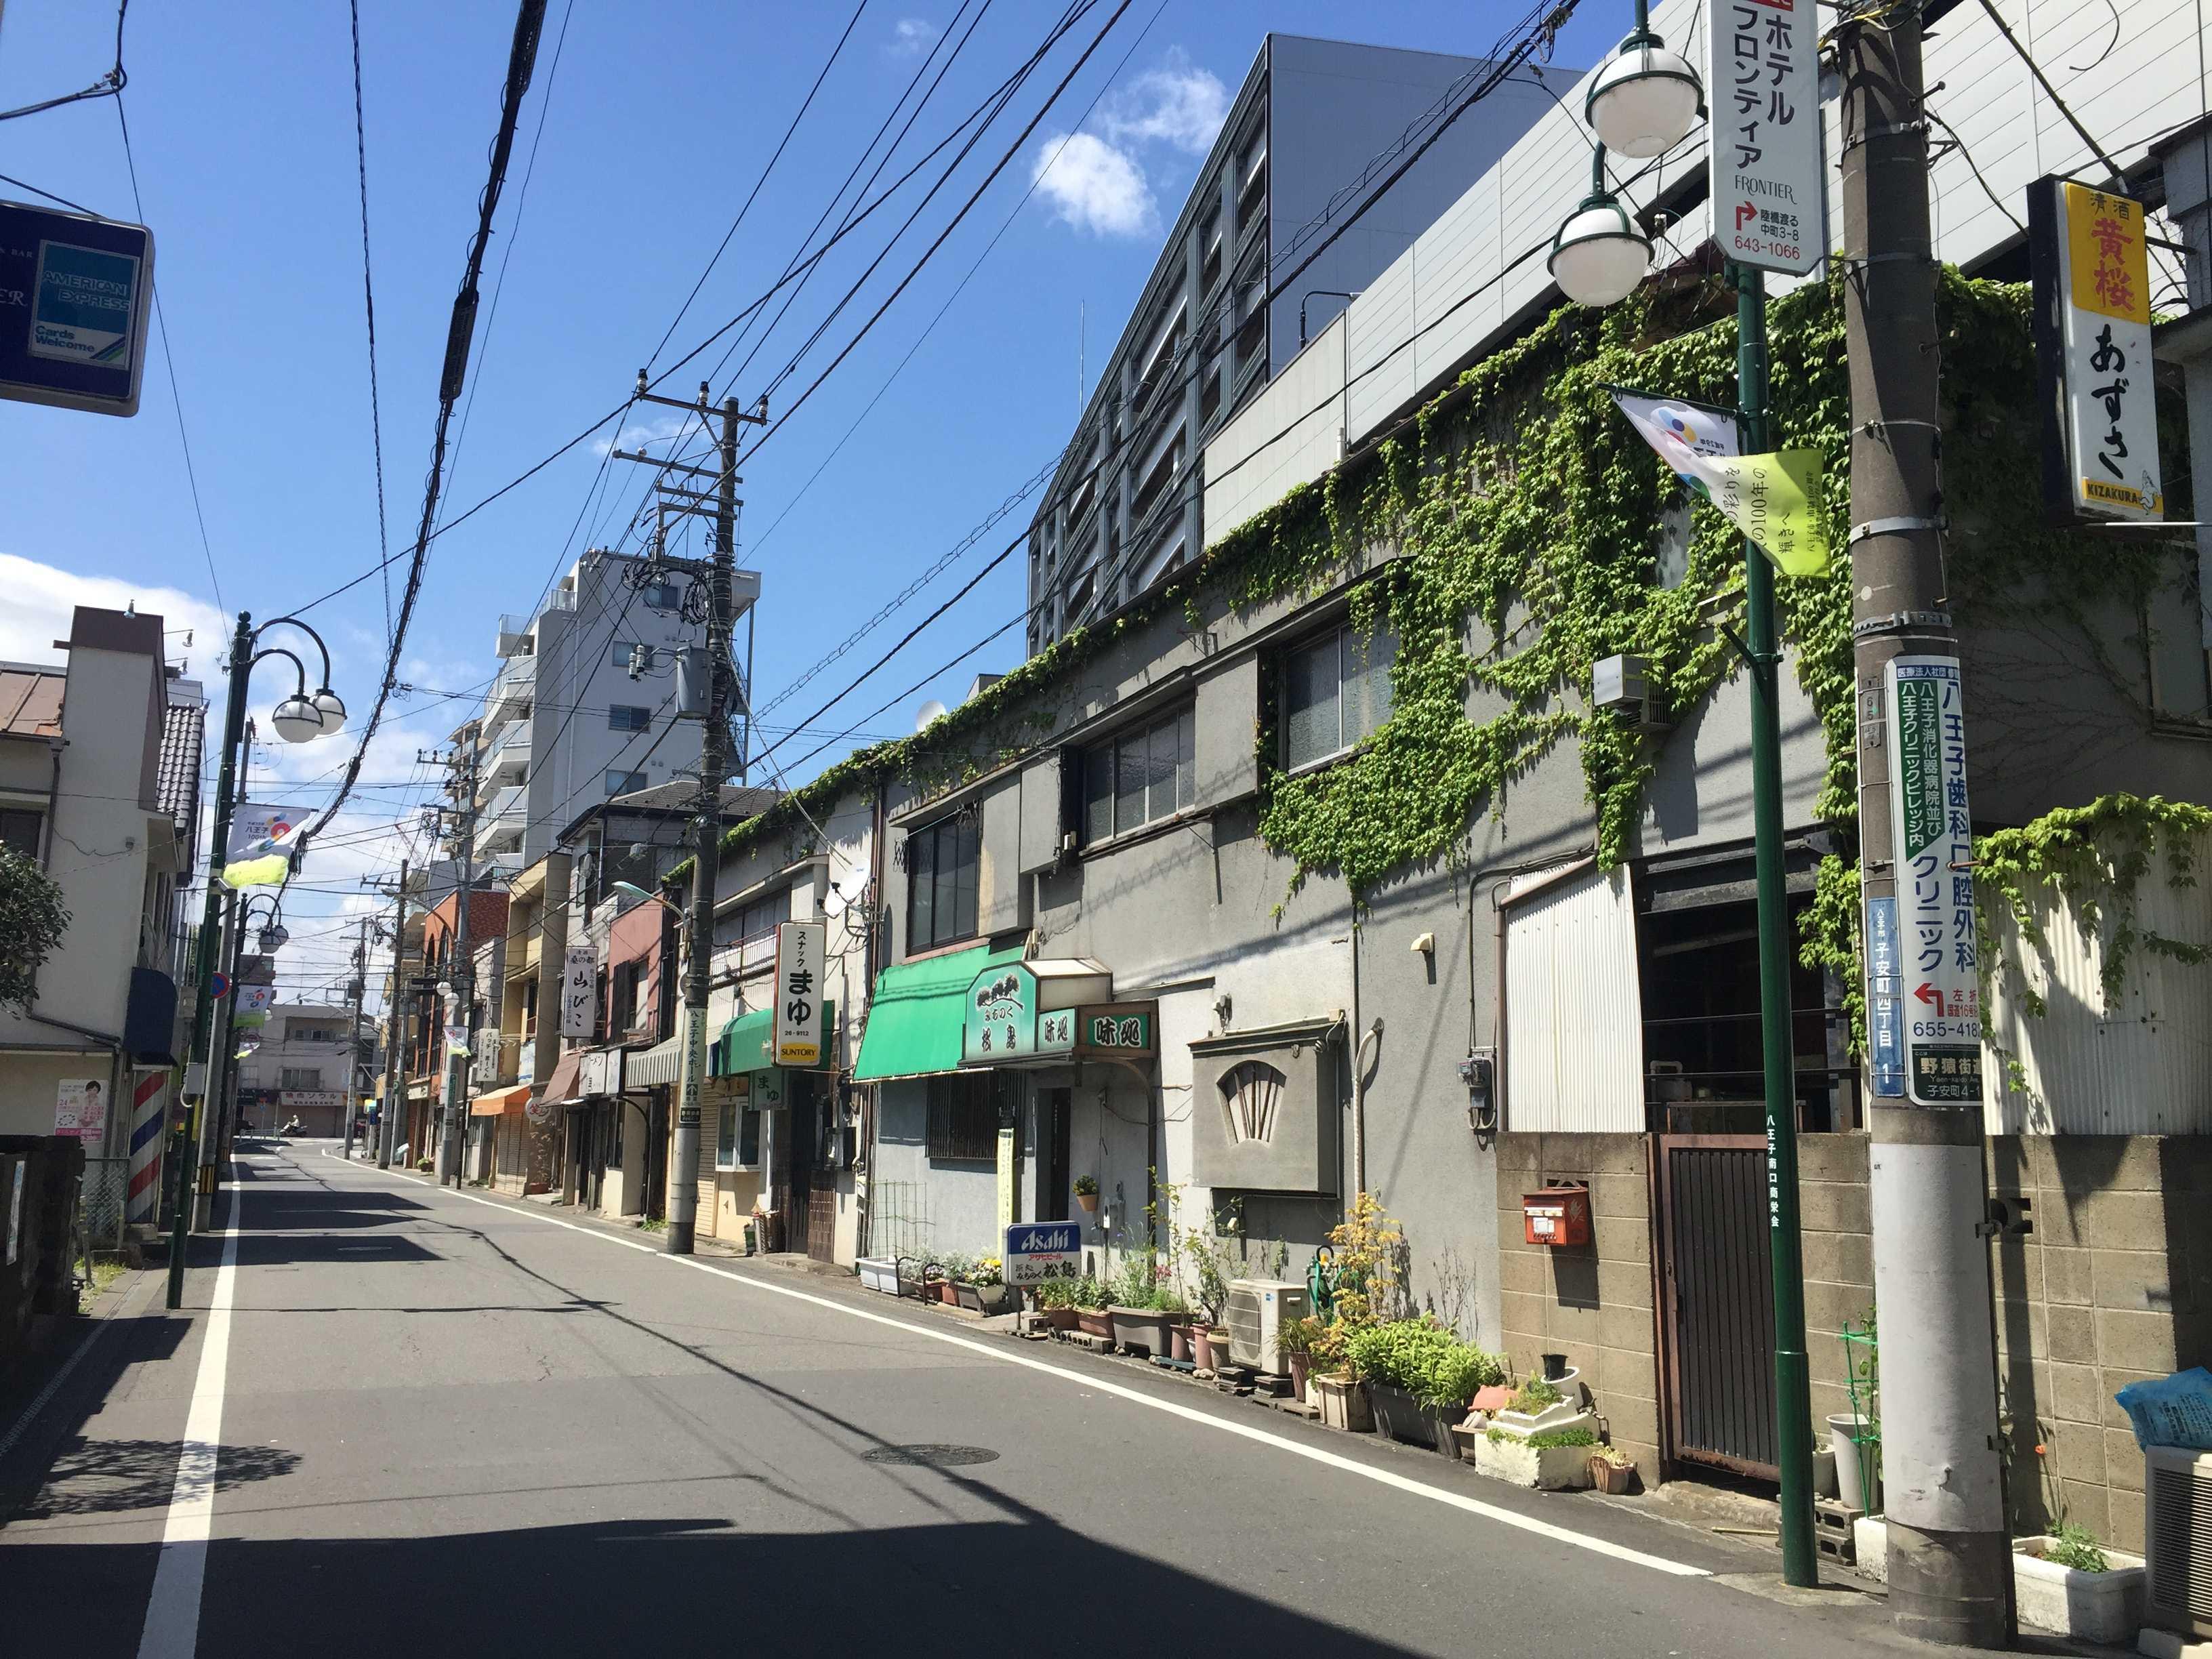 八王子駅南口すぐ近くの通り